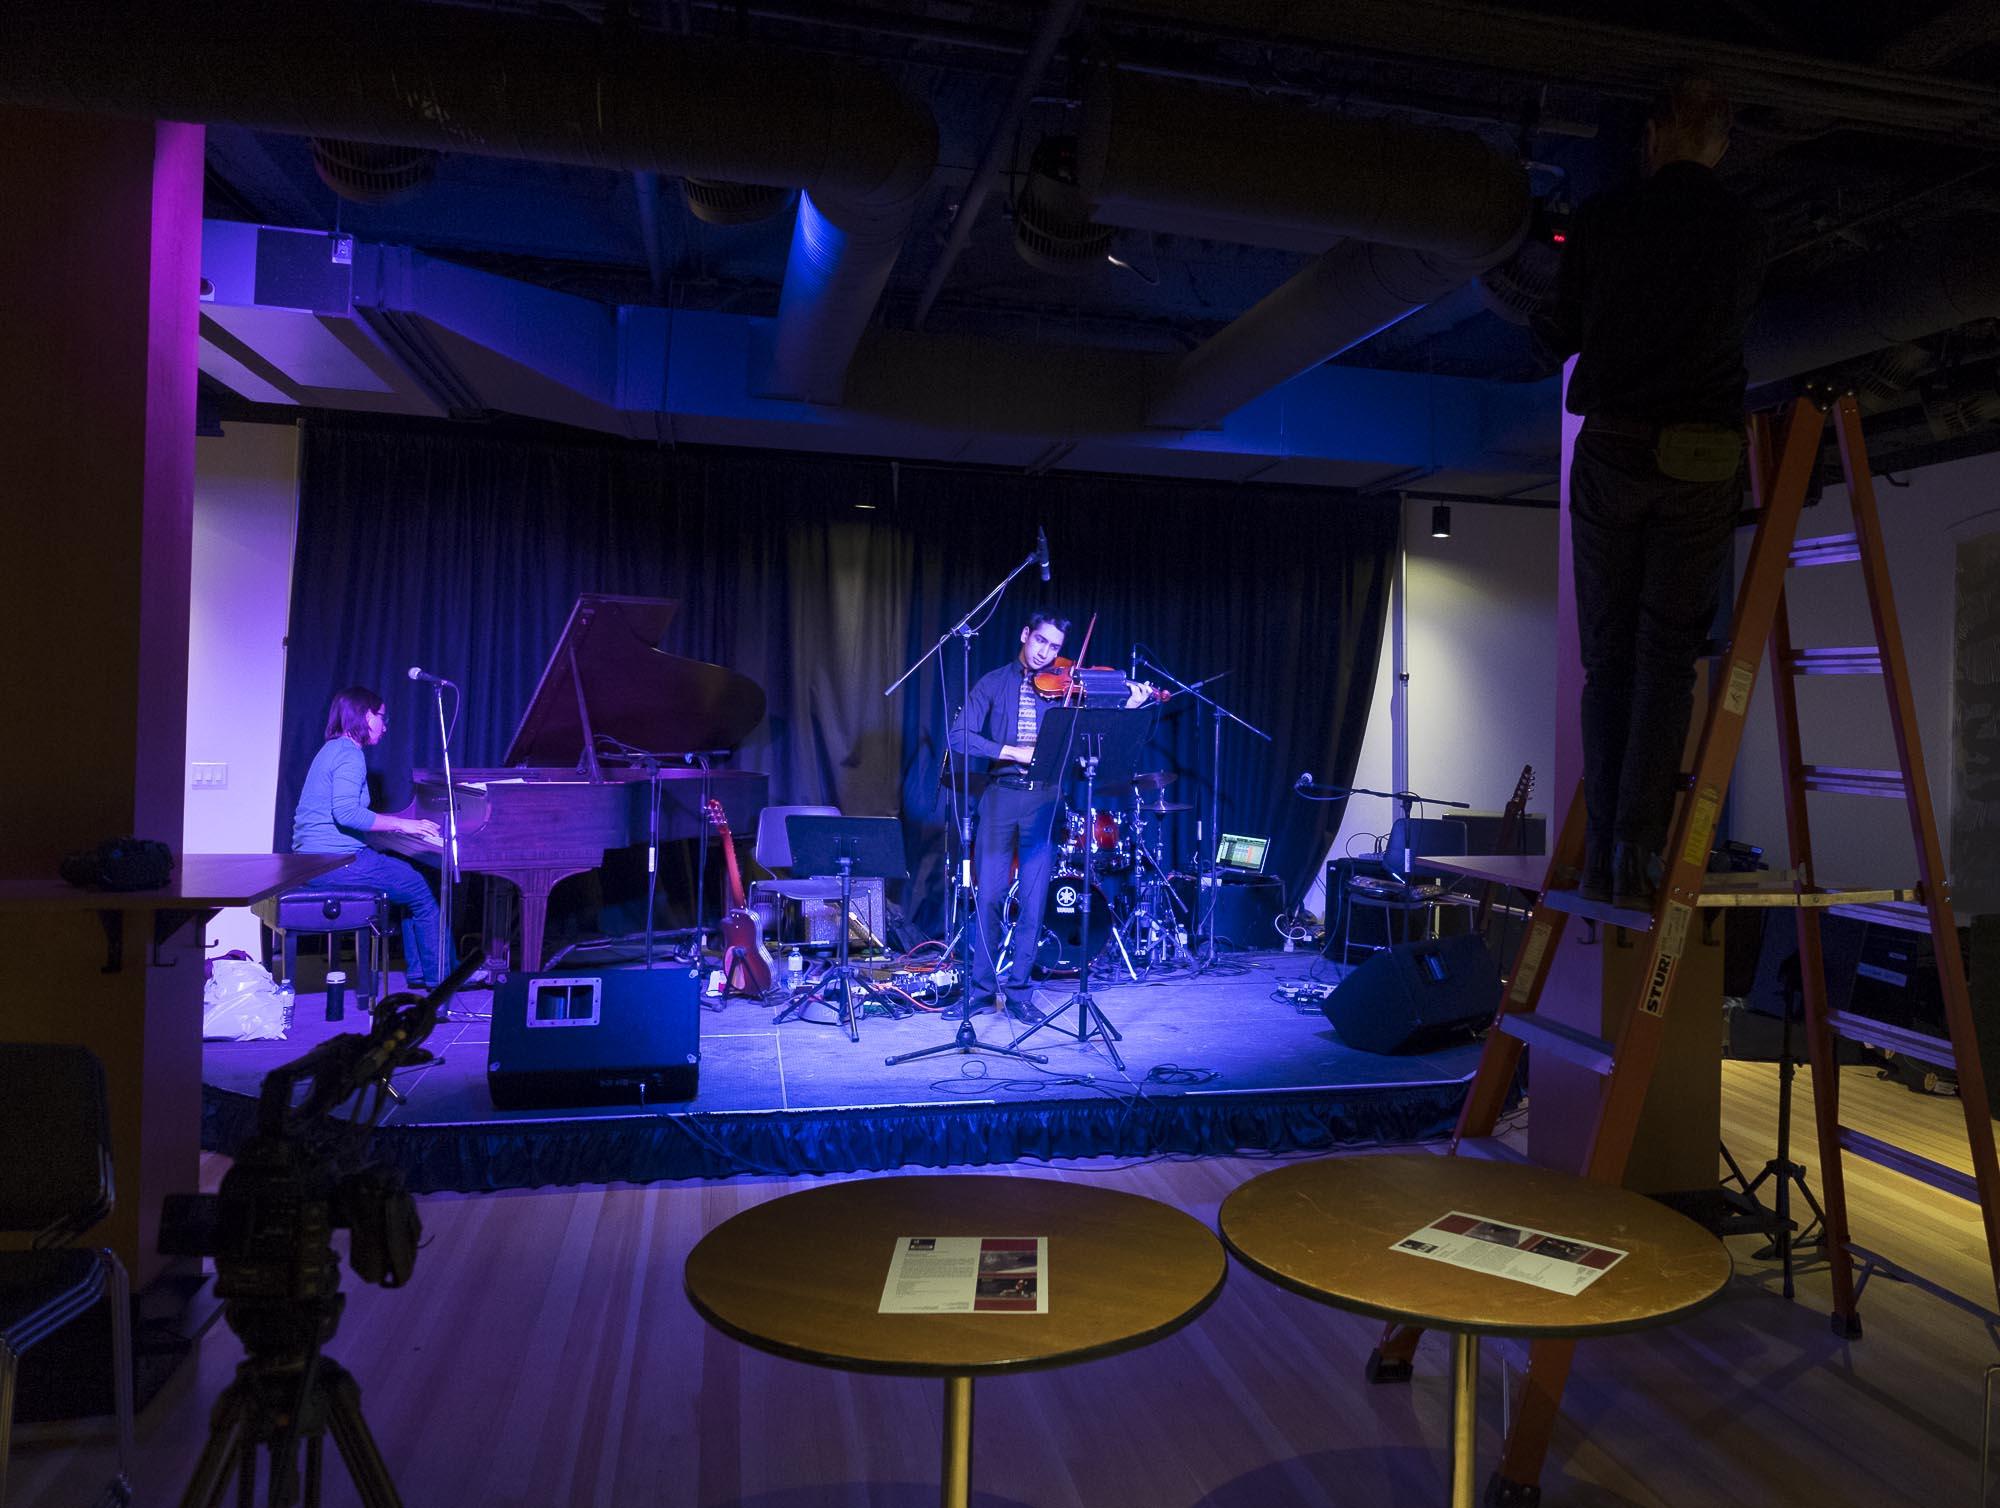 Calgary Launch Concert - Daniel Dastoor Magnetic North DSCF4857.jpg